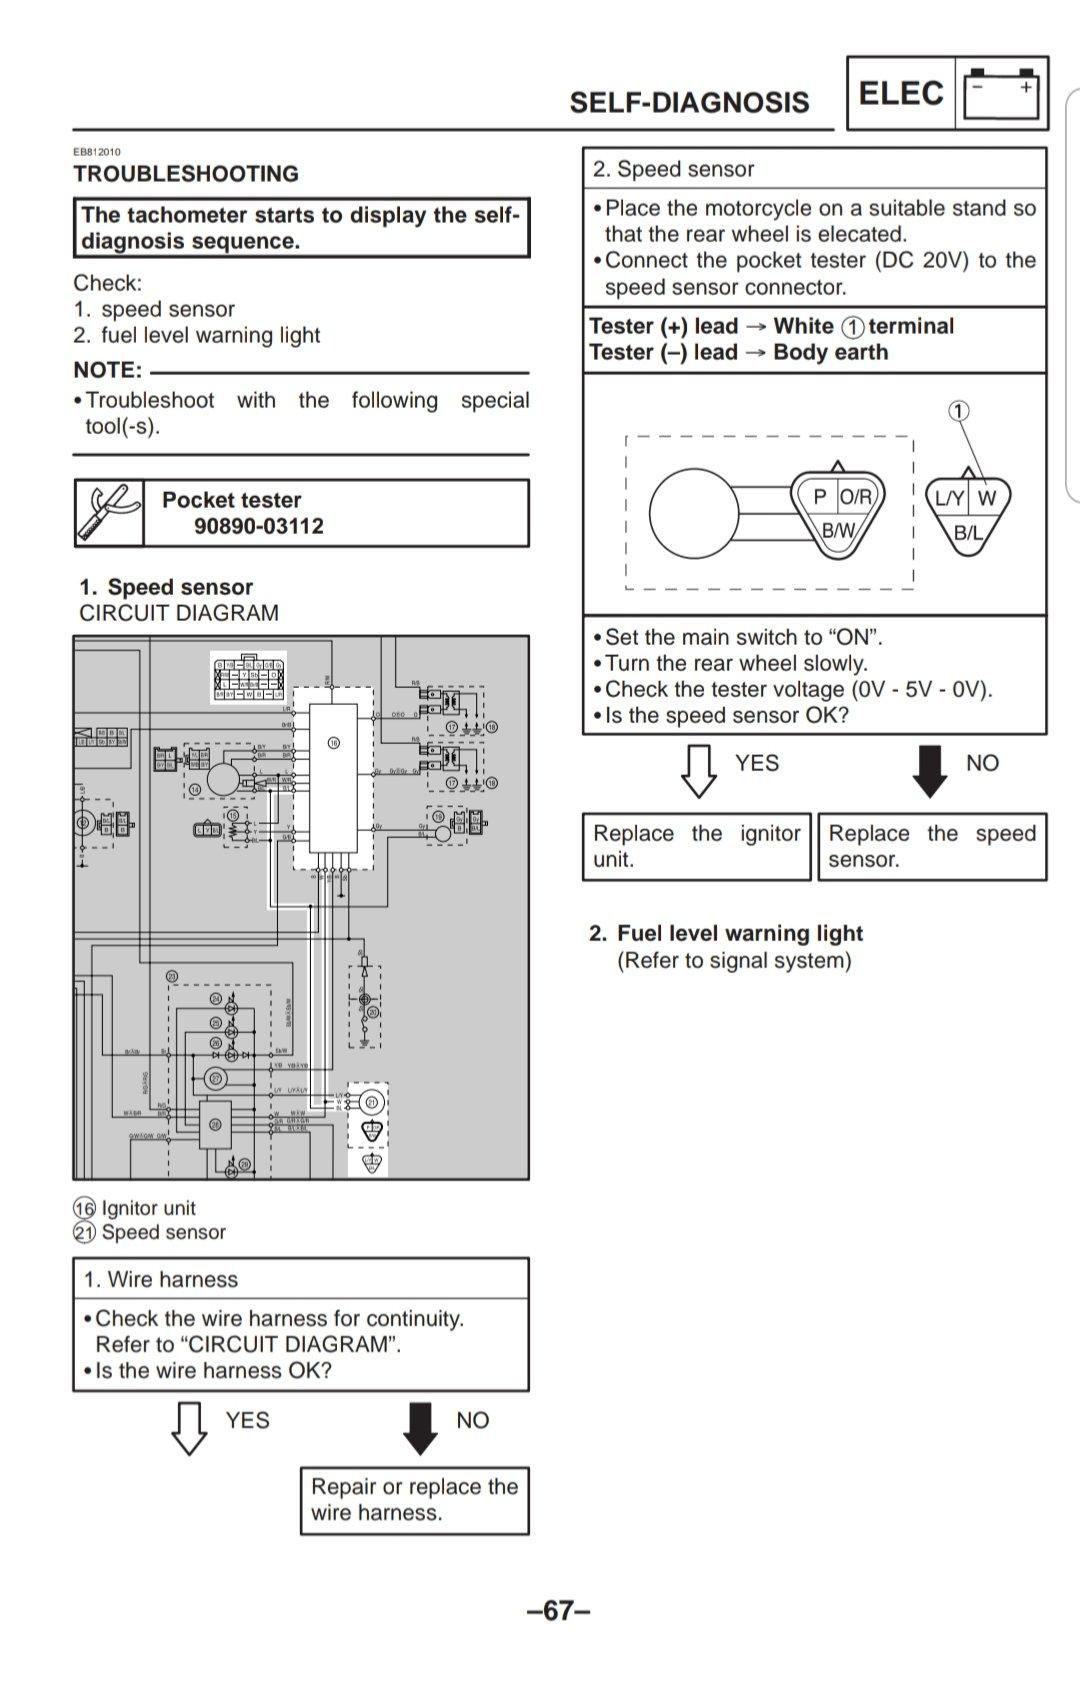 00 R1 Gauge wiring Diagram | Yamaha R1 Forum: YZF-R1 ForumsR1 Forum